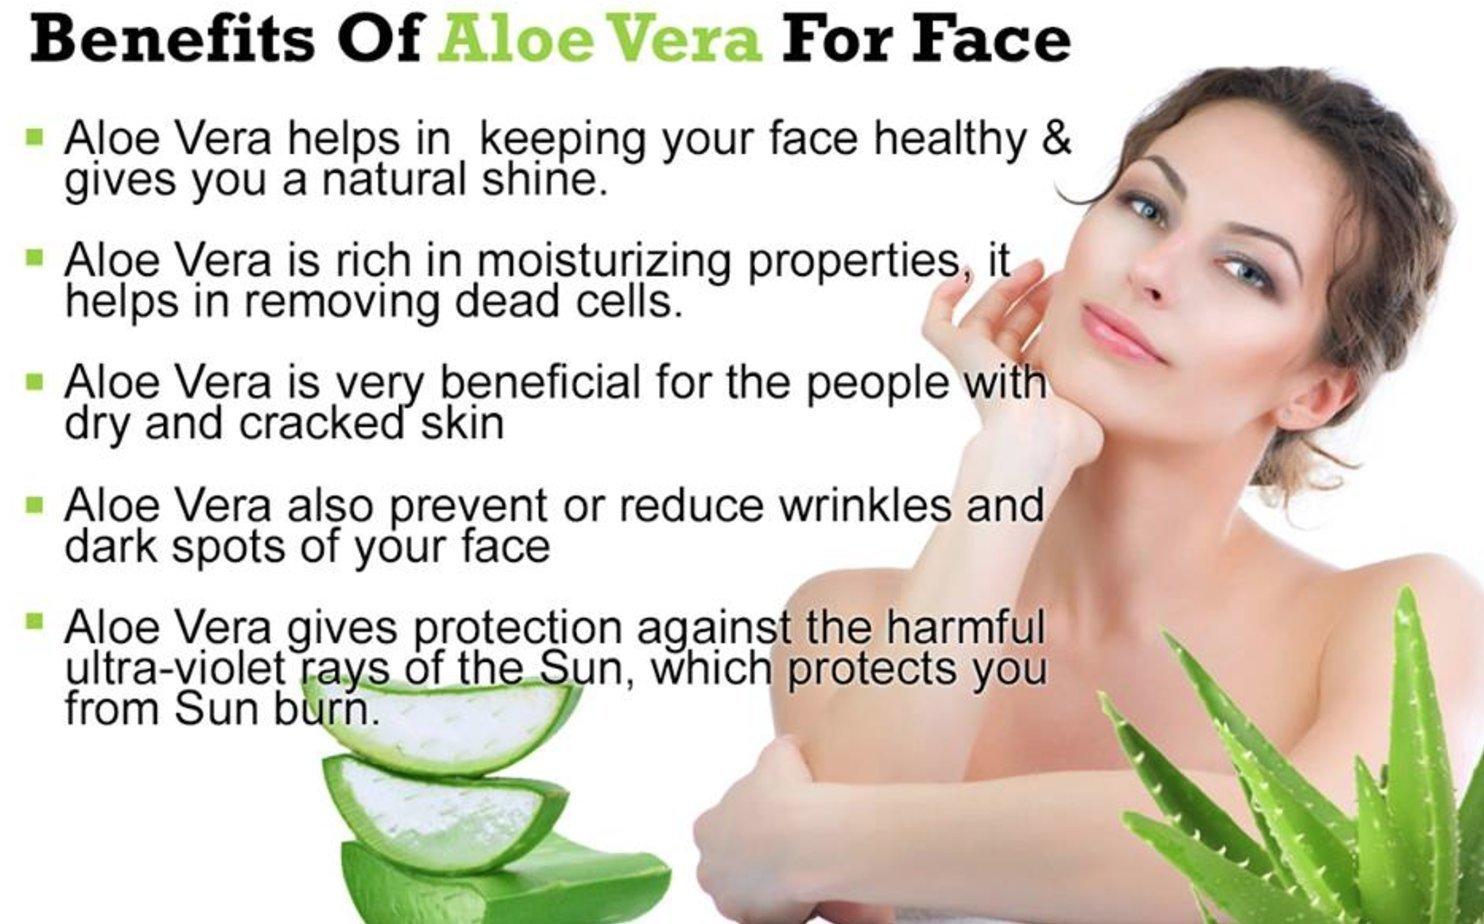 aloe vera uses for skin